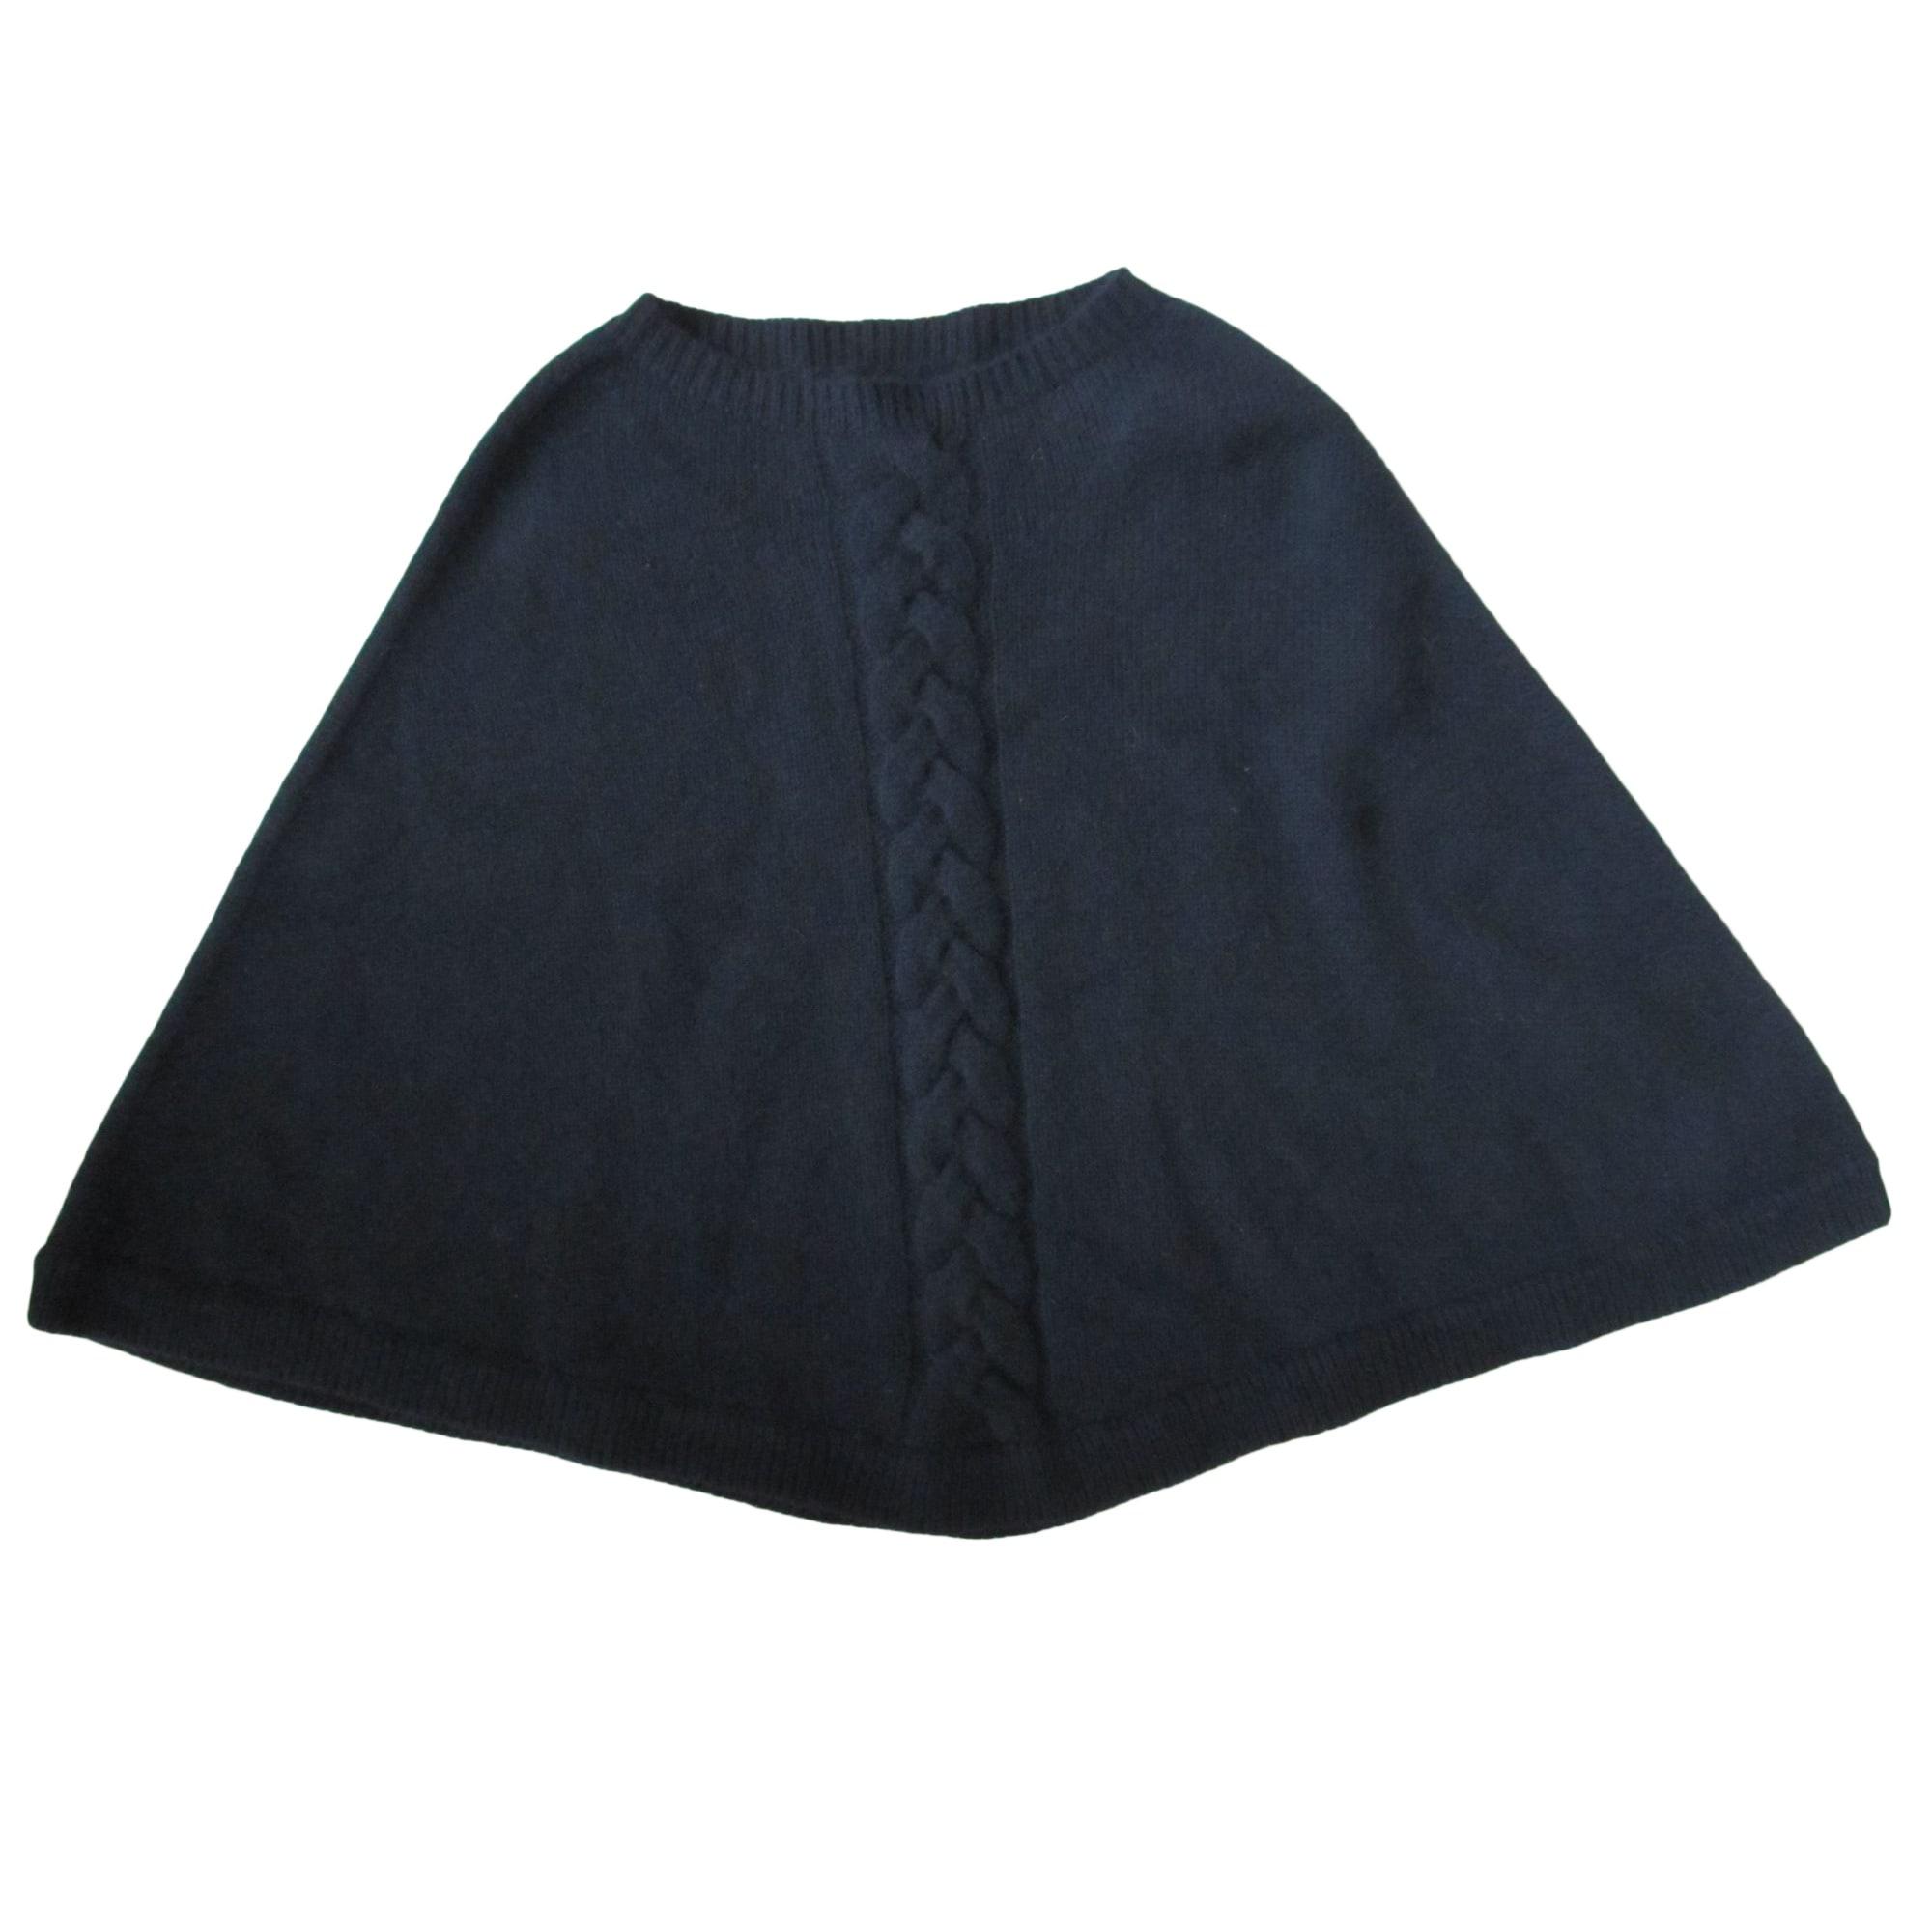 Eric Poncho Taille 8450832 Unique Noir Bompard 6ZPnWrZ